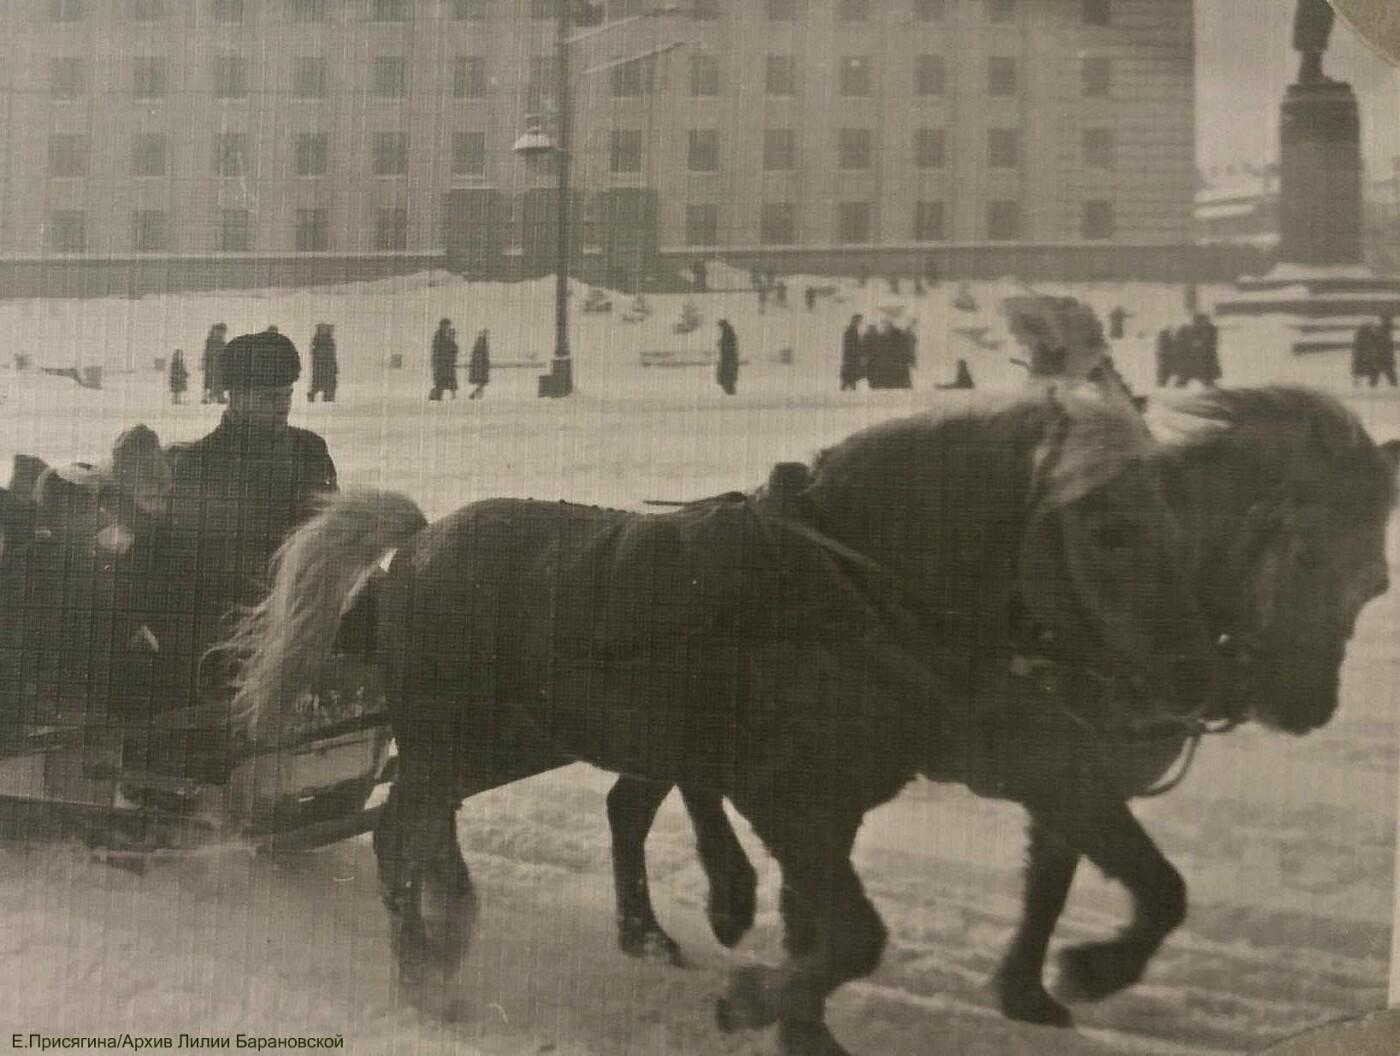 Как раньше встречали Новый Год в Днепре: архивные фото времен СССР, фото-9